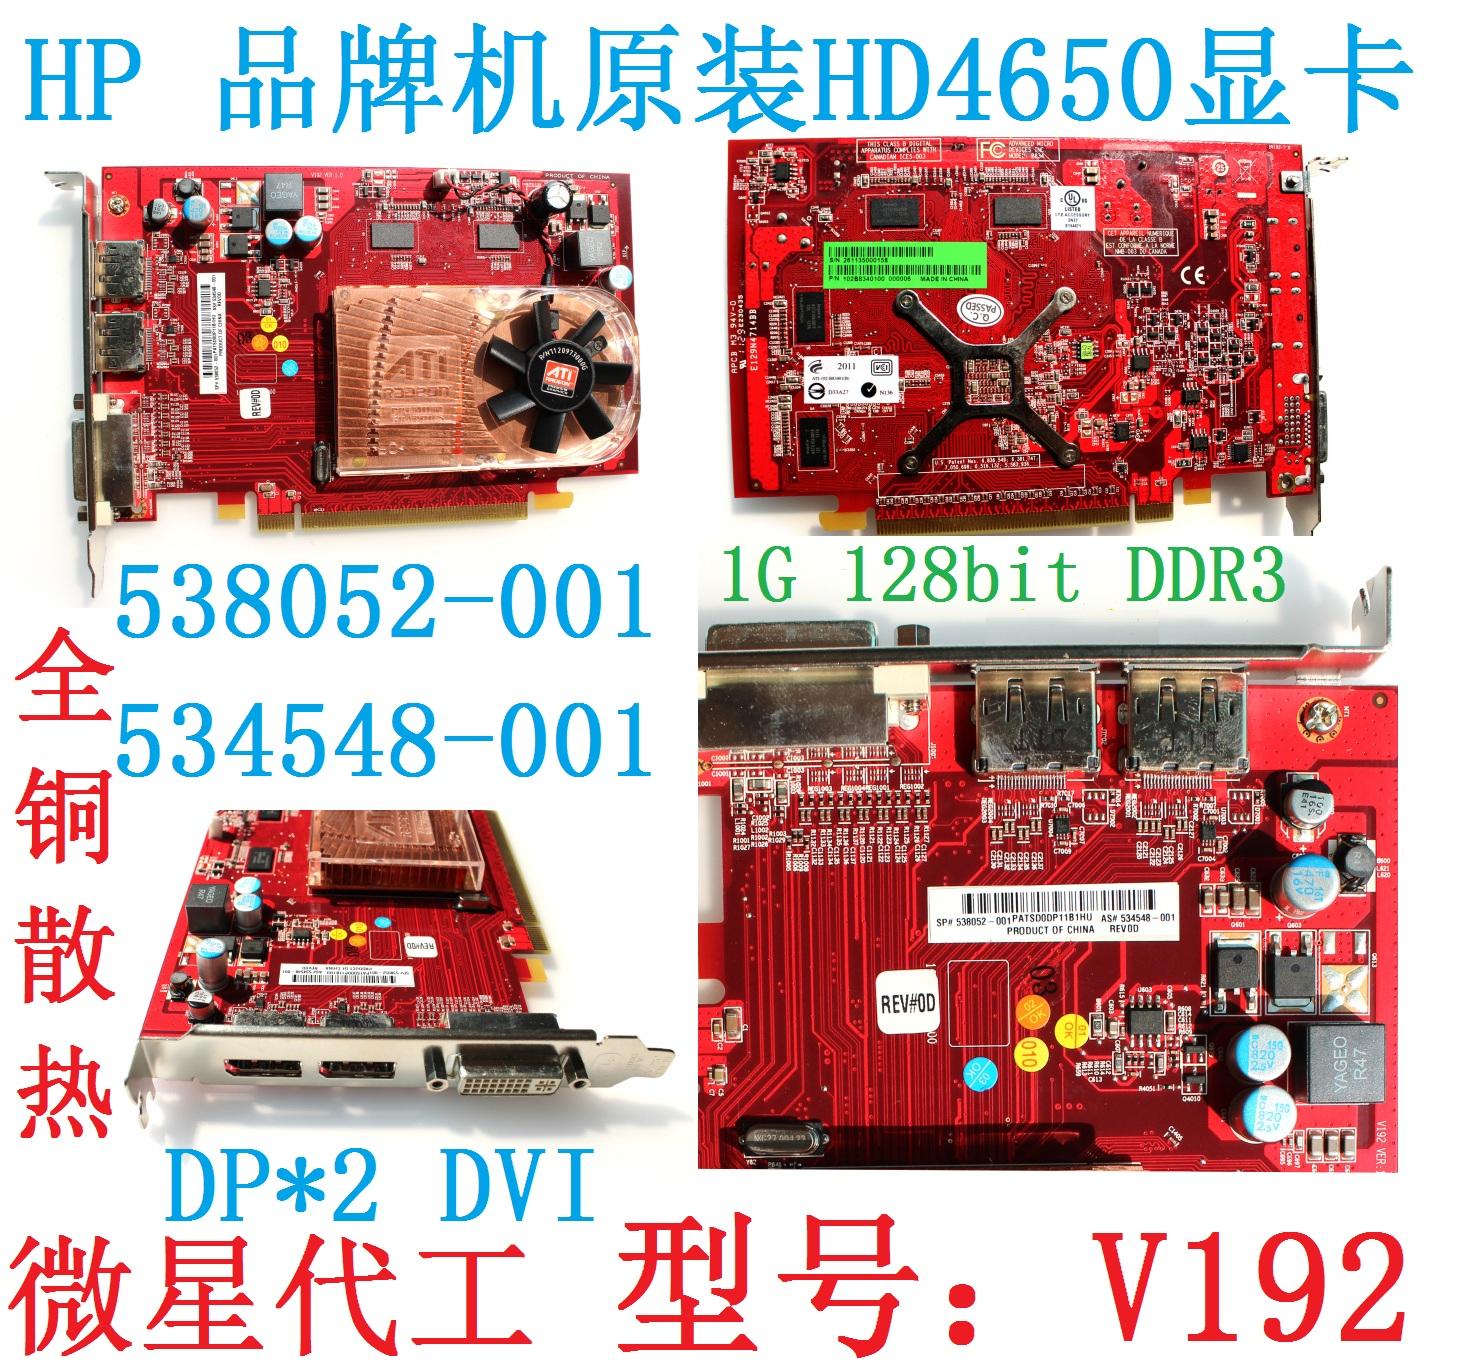 11月04日最新优惠HP 原装显卡 微星 V192 HD4650 1G 128b D3 DP 538